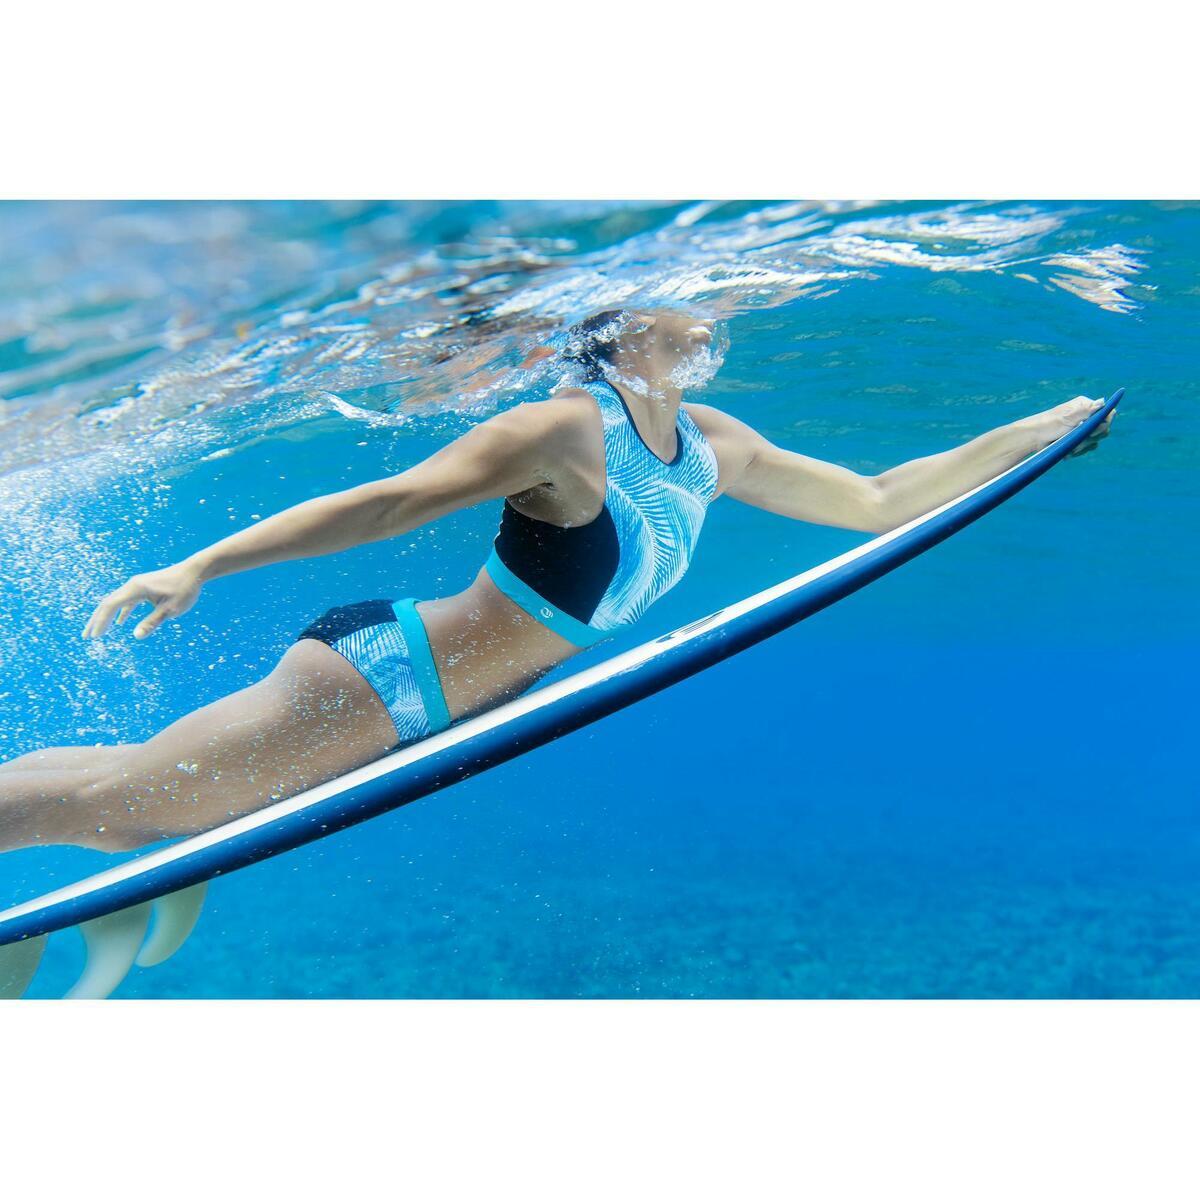 Bild 2 von Bikini-Oberteil Bustier Carla Bondi mit Back Zip Surfen Damen